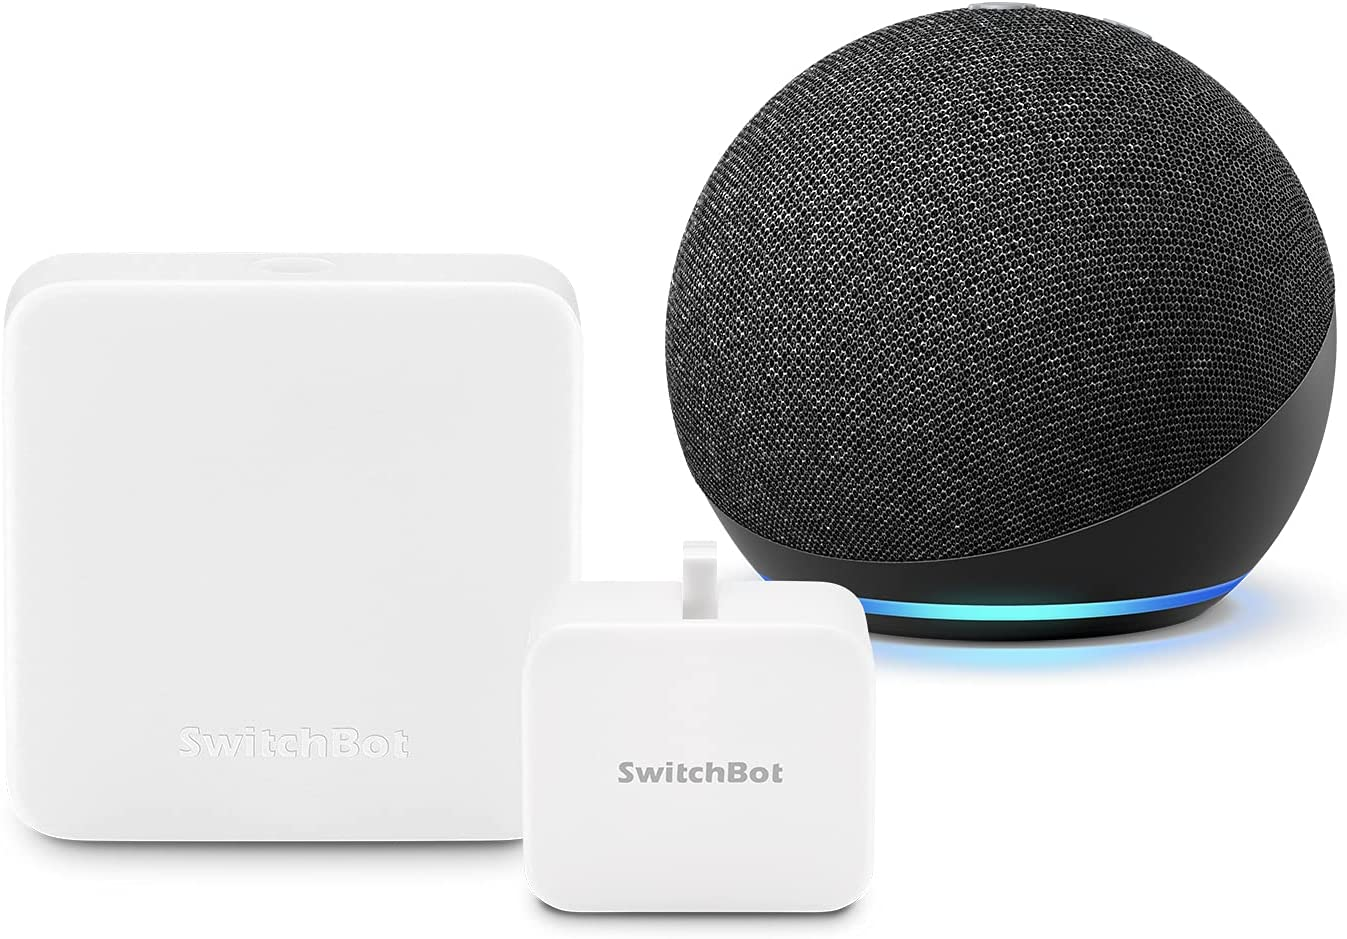 アマゾンで【はじめてスマートホームセット】Echo Dot 第4世代 + スイッチボット 学習リモコン Hub Mini + スイッチボットが半額以下。